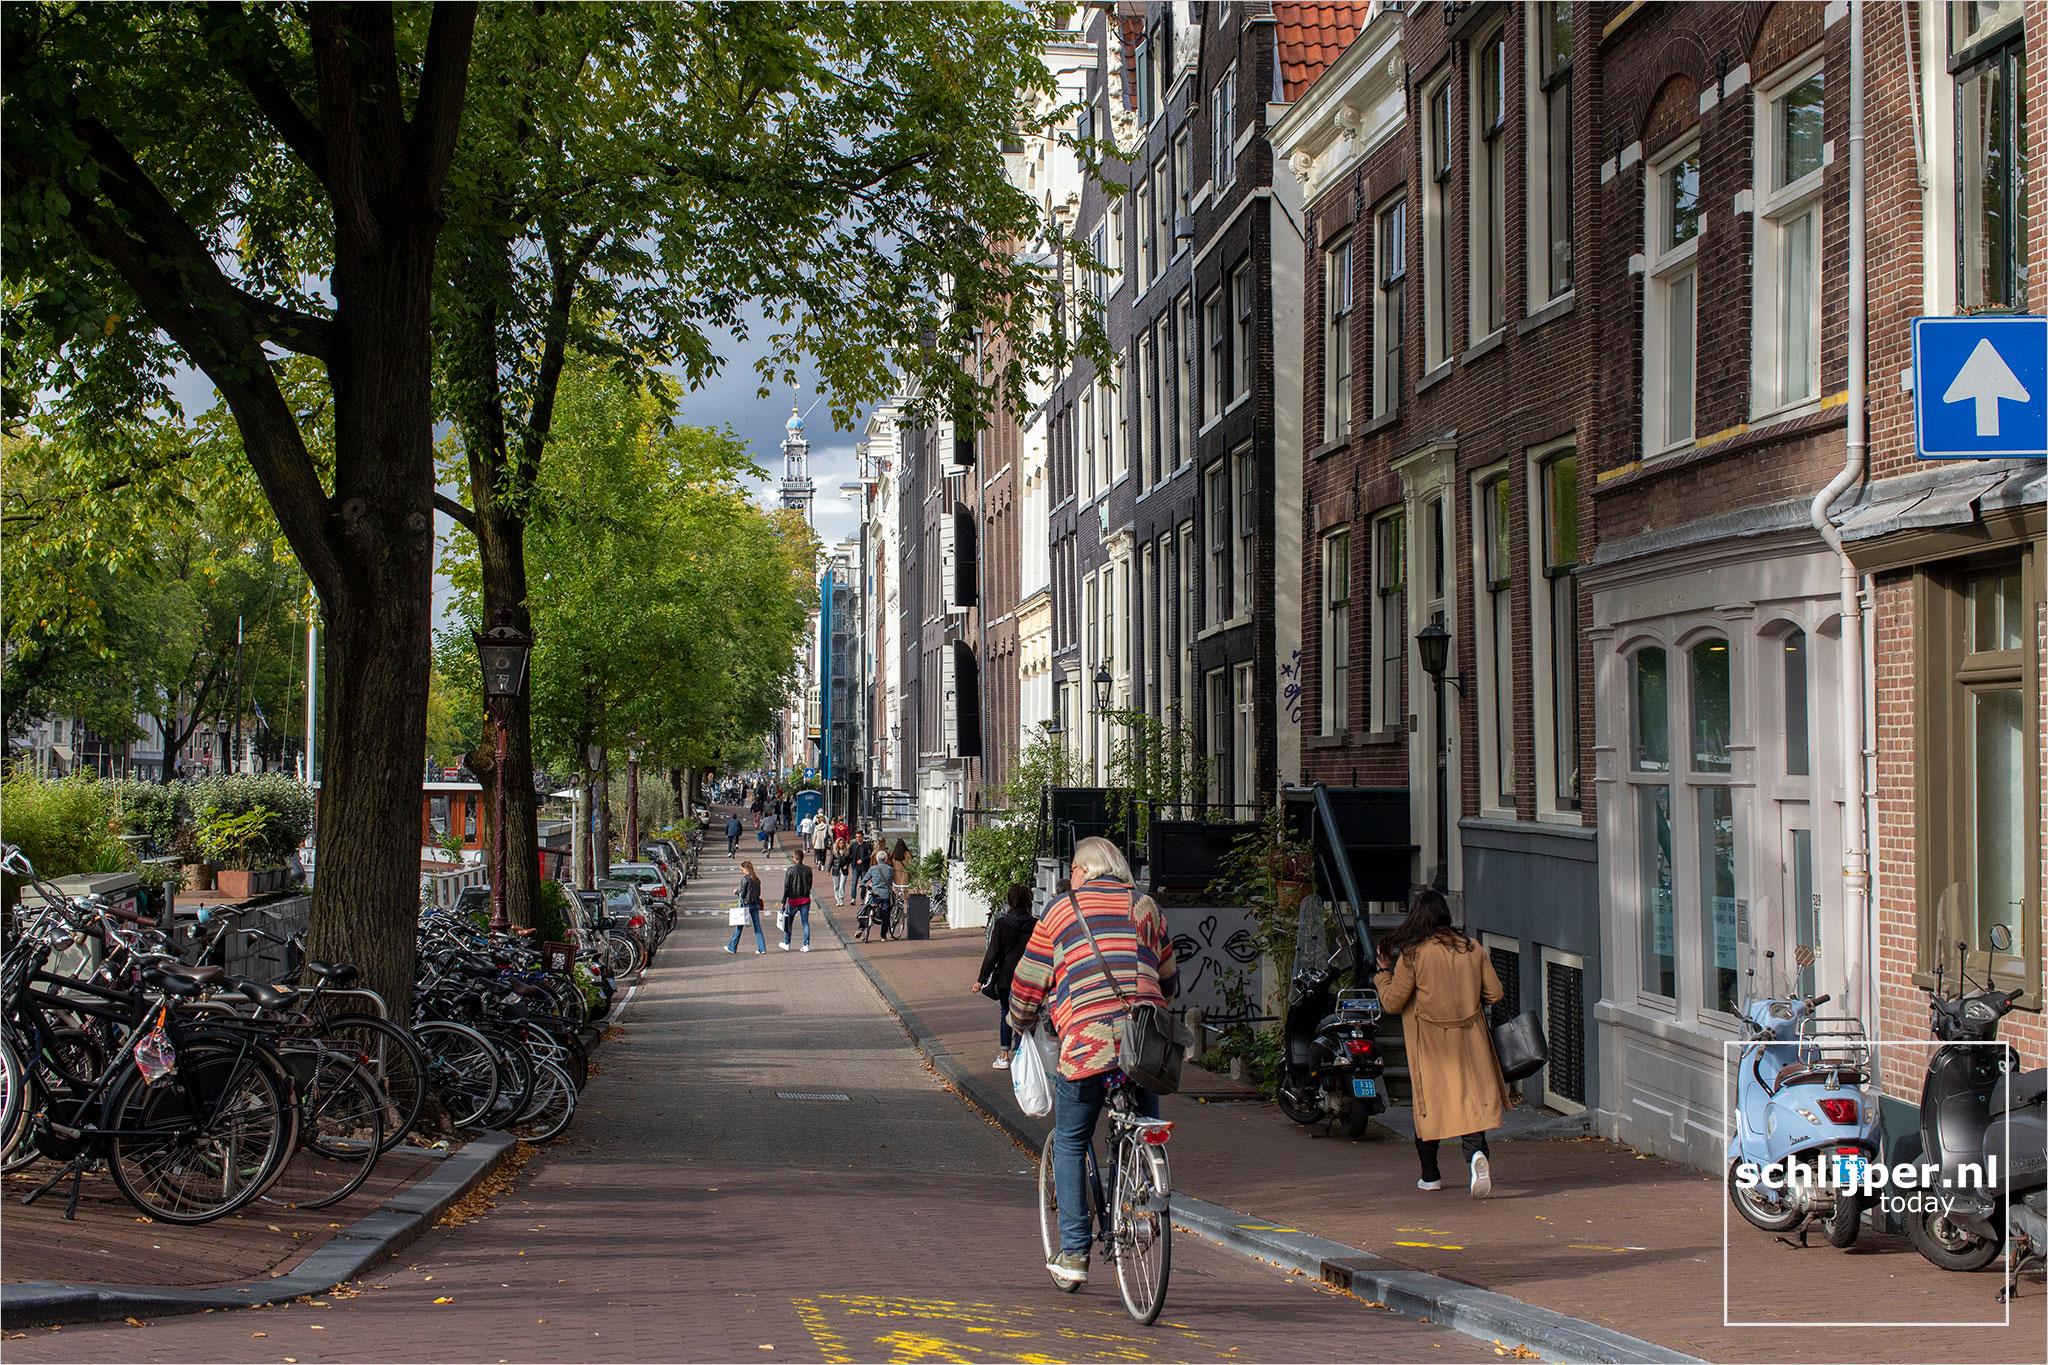 Nederland, Amsterdam, 5 september 2020